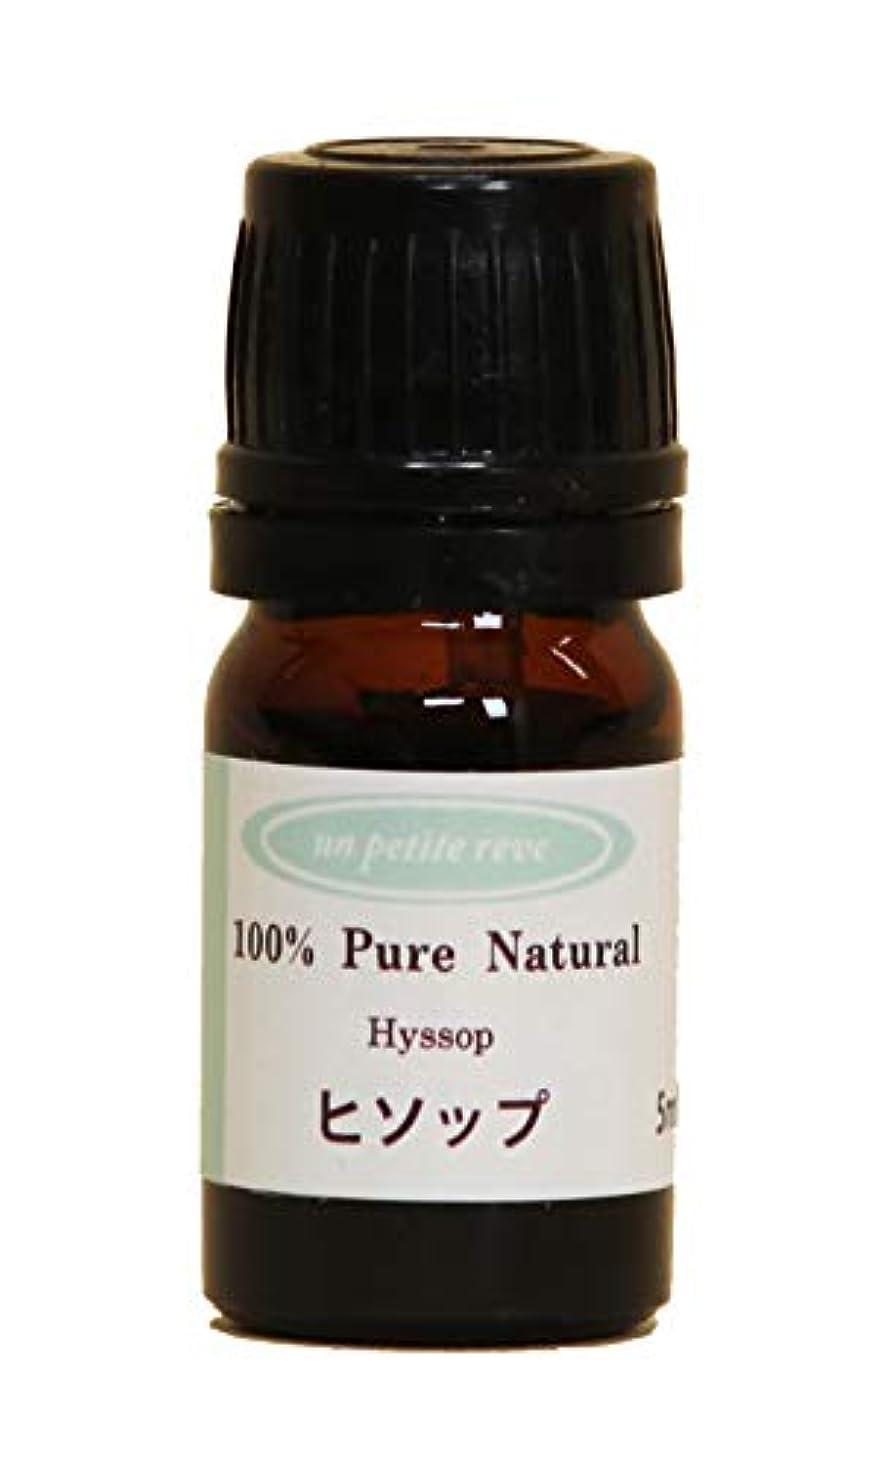 判定晩ごはん愛ヒソップ 5ml 100%天然アロマエッセンシャルオイル(精油)